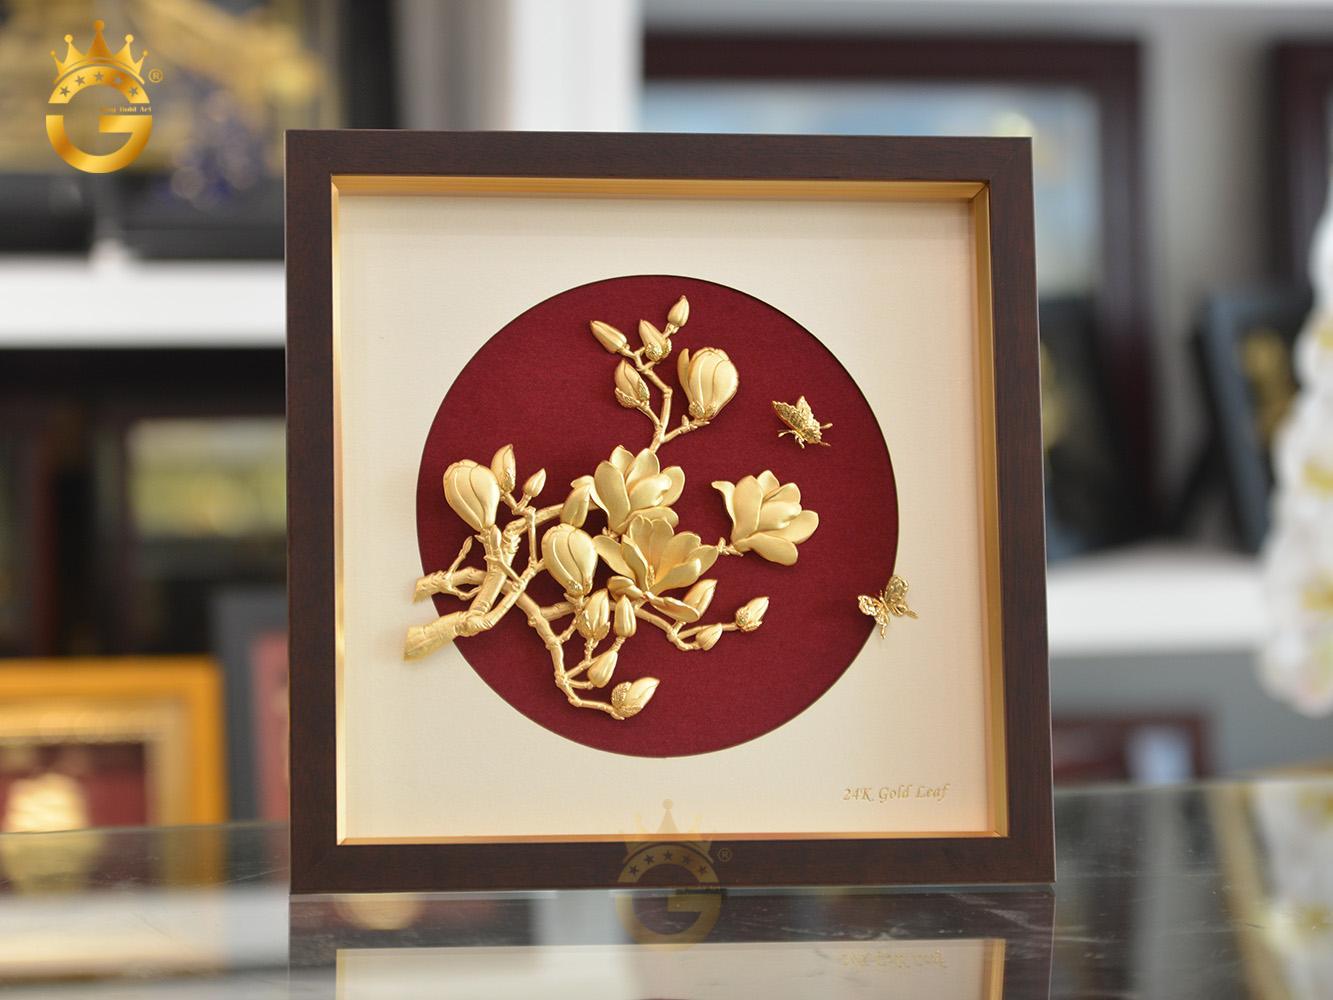 Quà tặng tranh vàng 24k- tranh hoa lan làm quà tặng độc đáo và ý nghĩa0